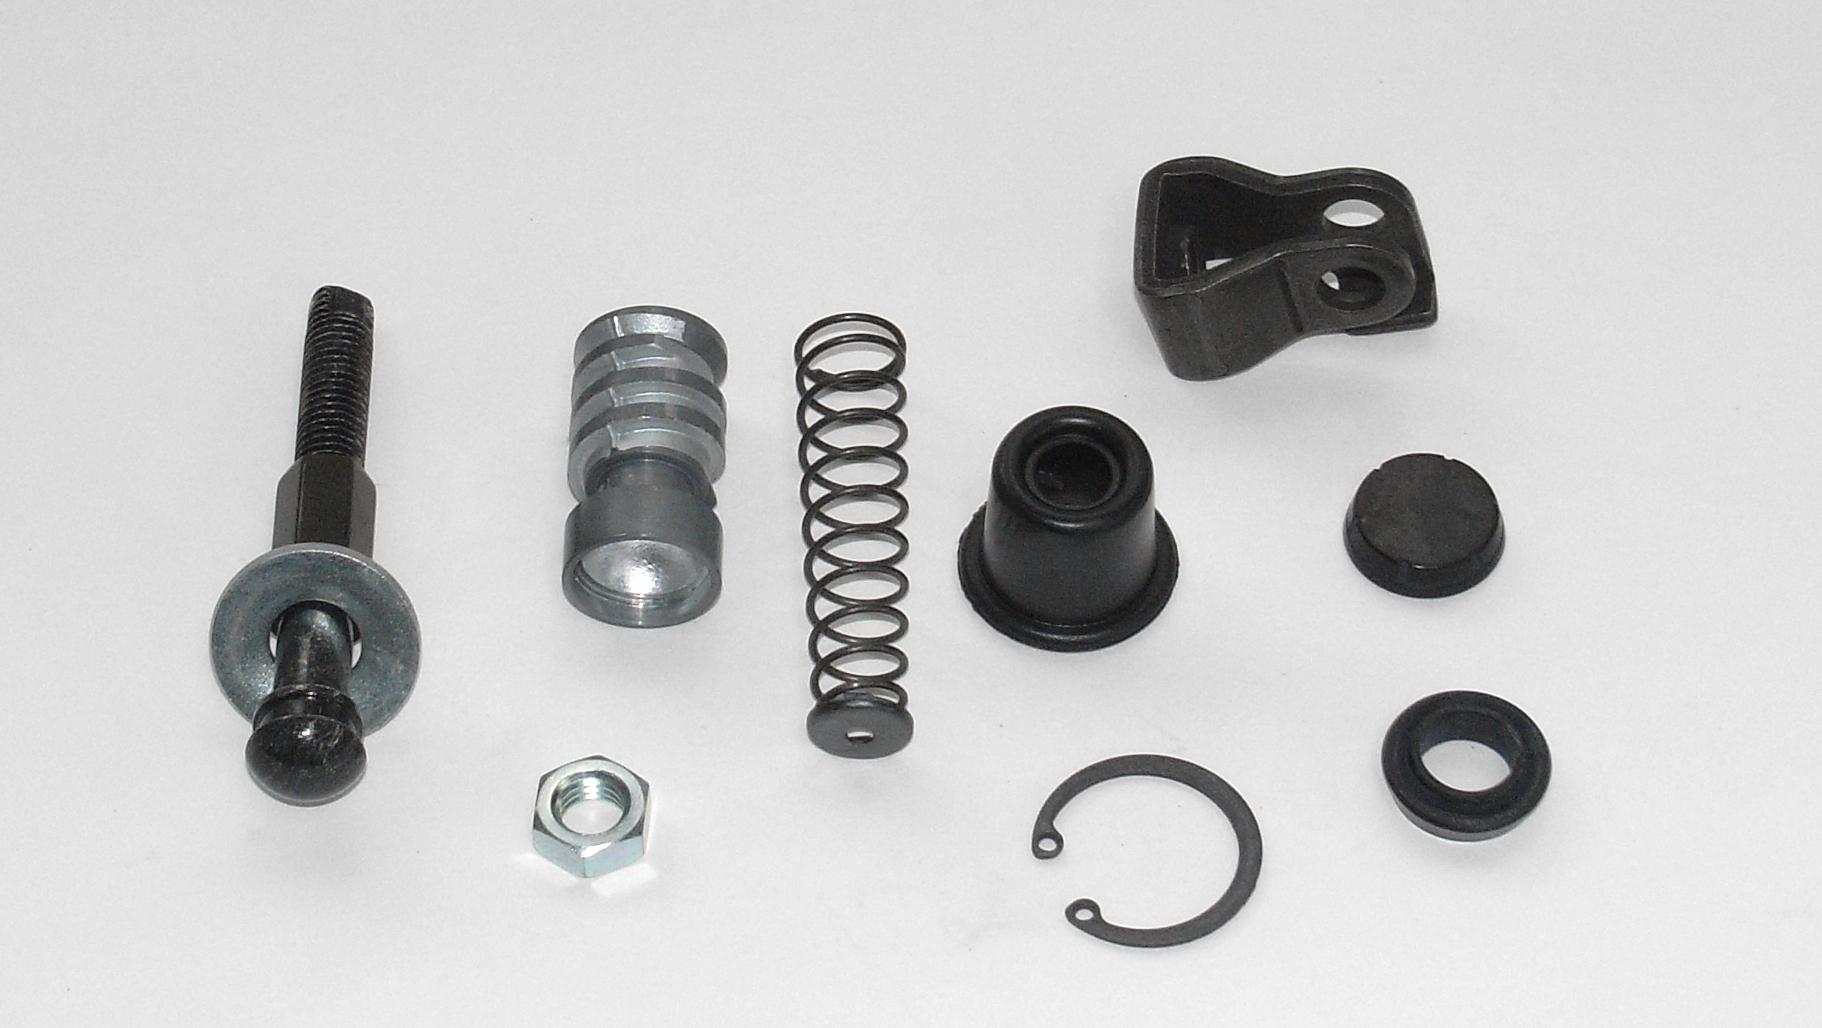 kit reparation maitre cylindre. Black Bedroom Furniture Sets. Home Design Ideas